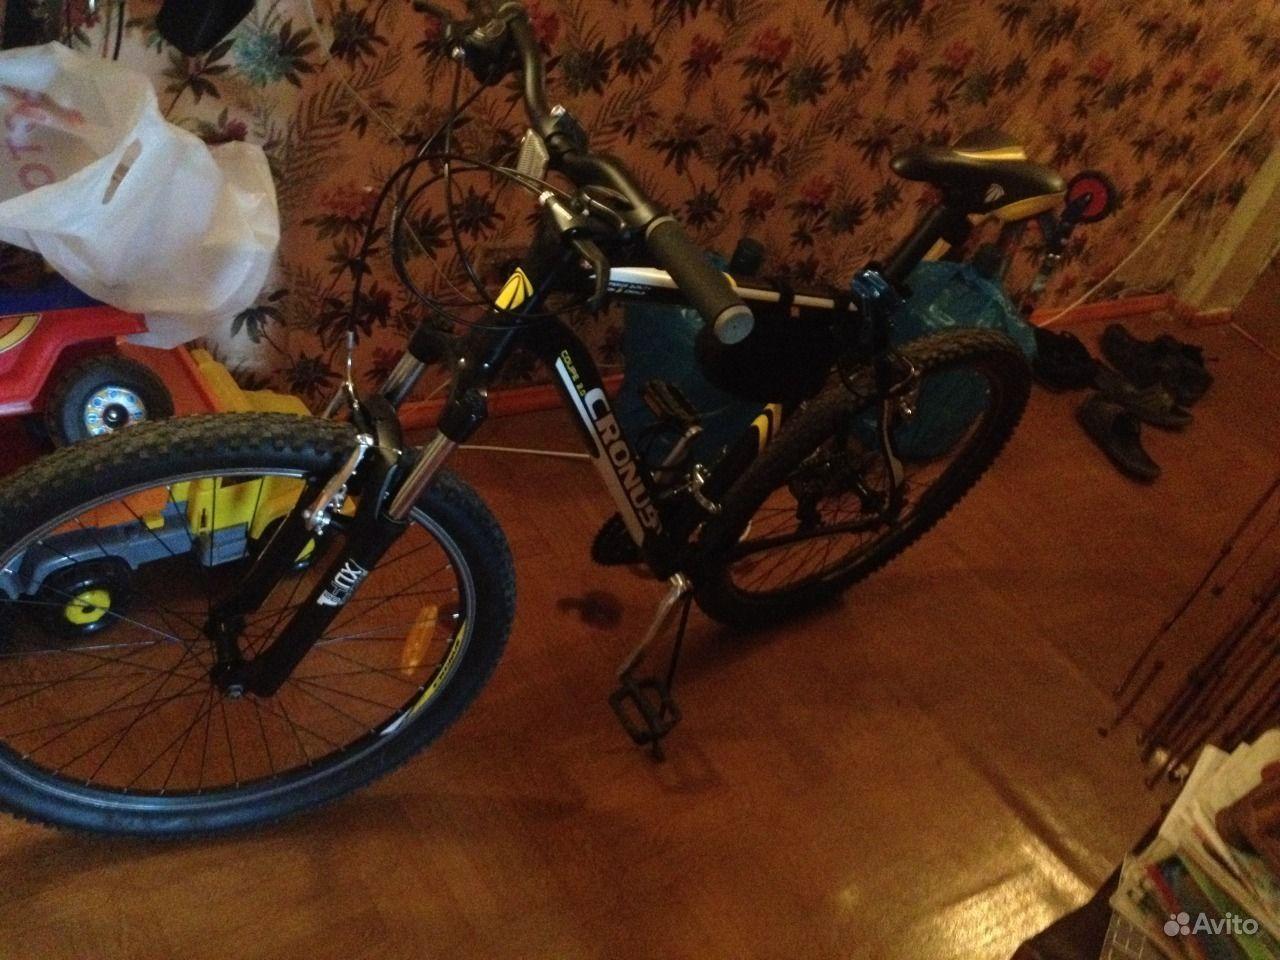 Велосипед cronus coupe2.0. Нижегородская область, Арзамас